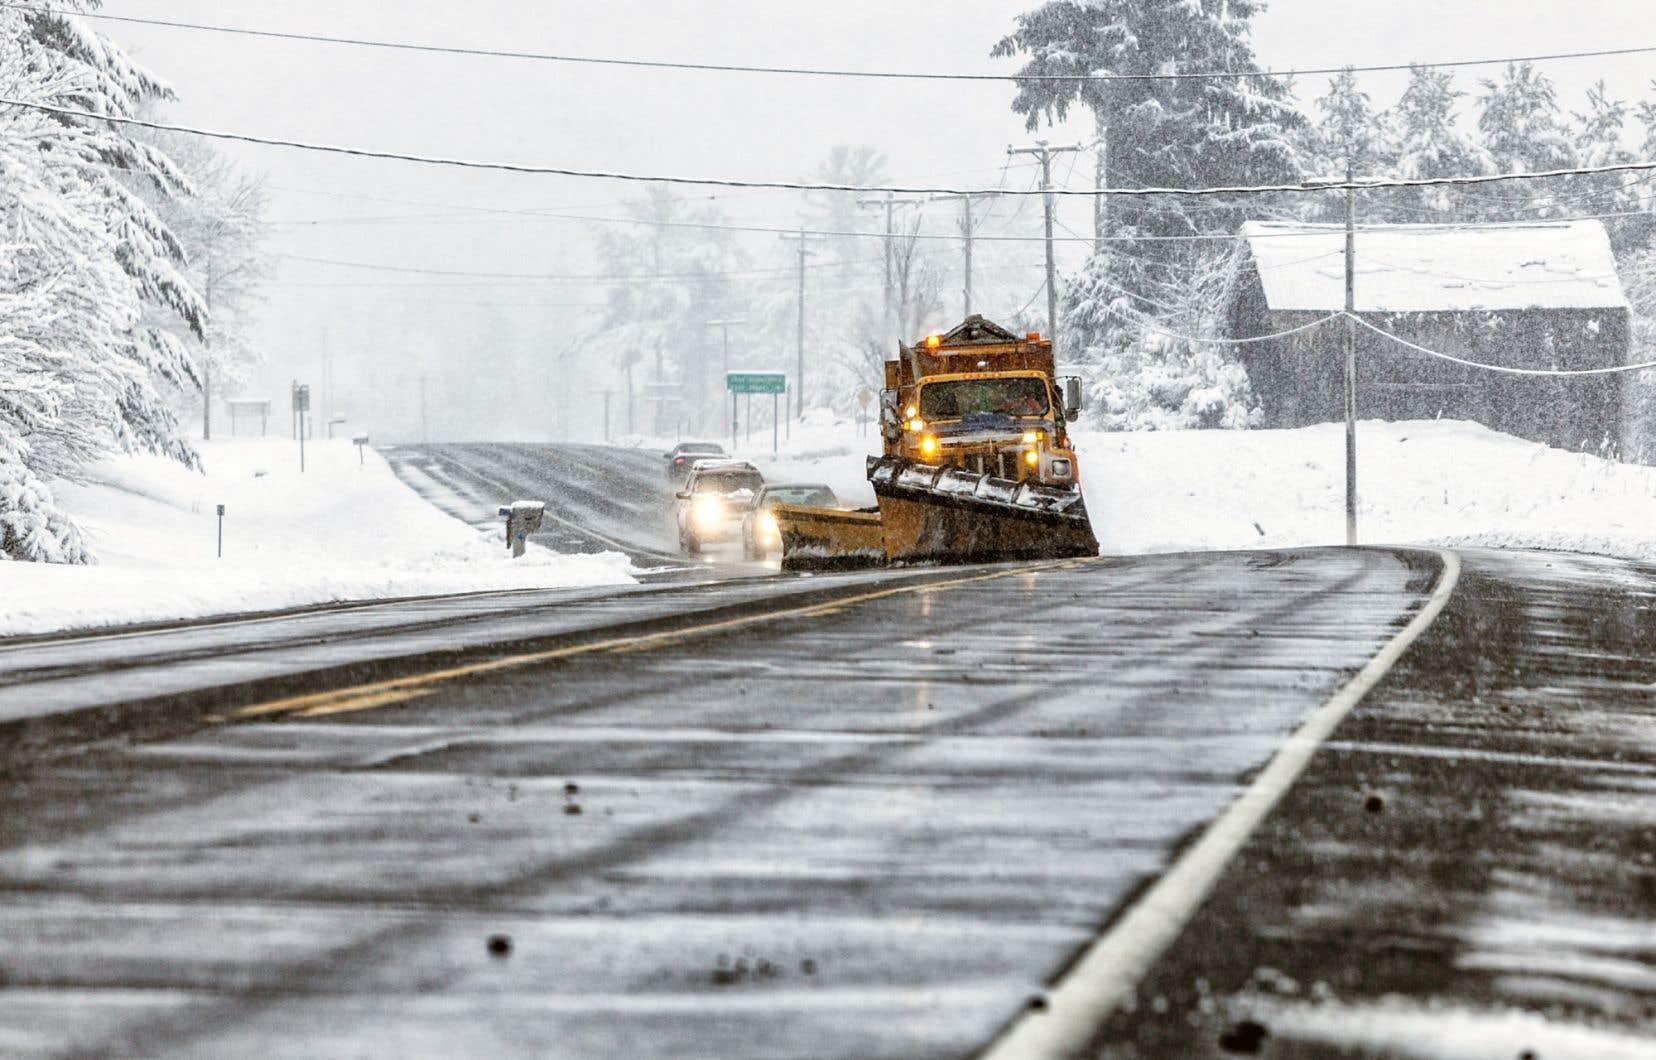 En évitant le recours au sel, des municipalités disent économiser en coûts d'entretien des camions.